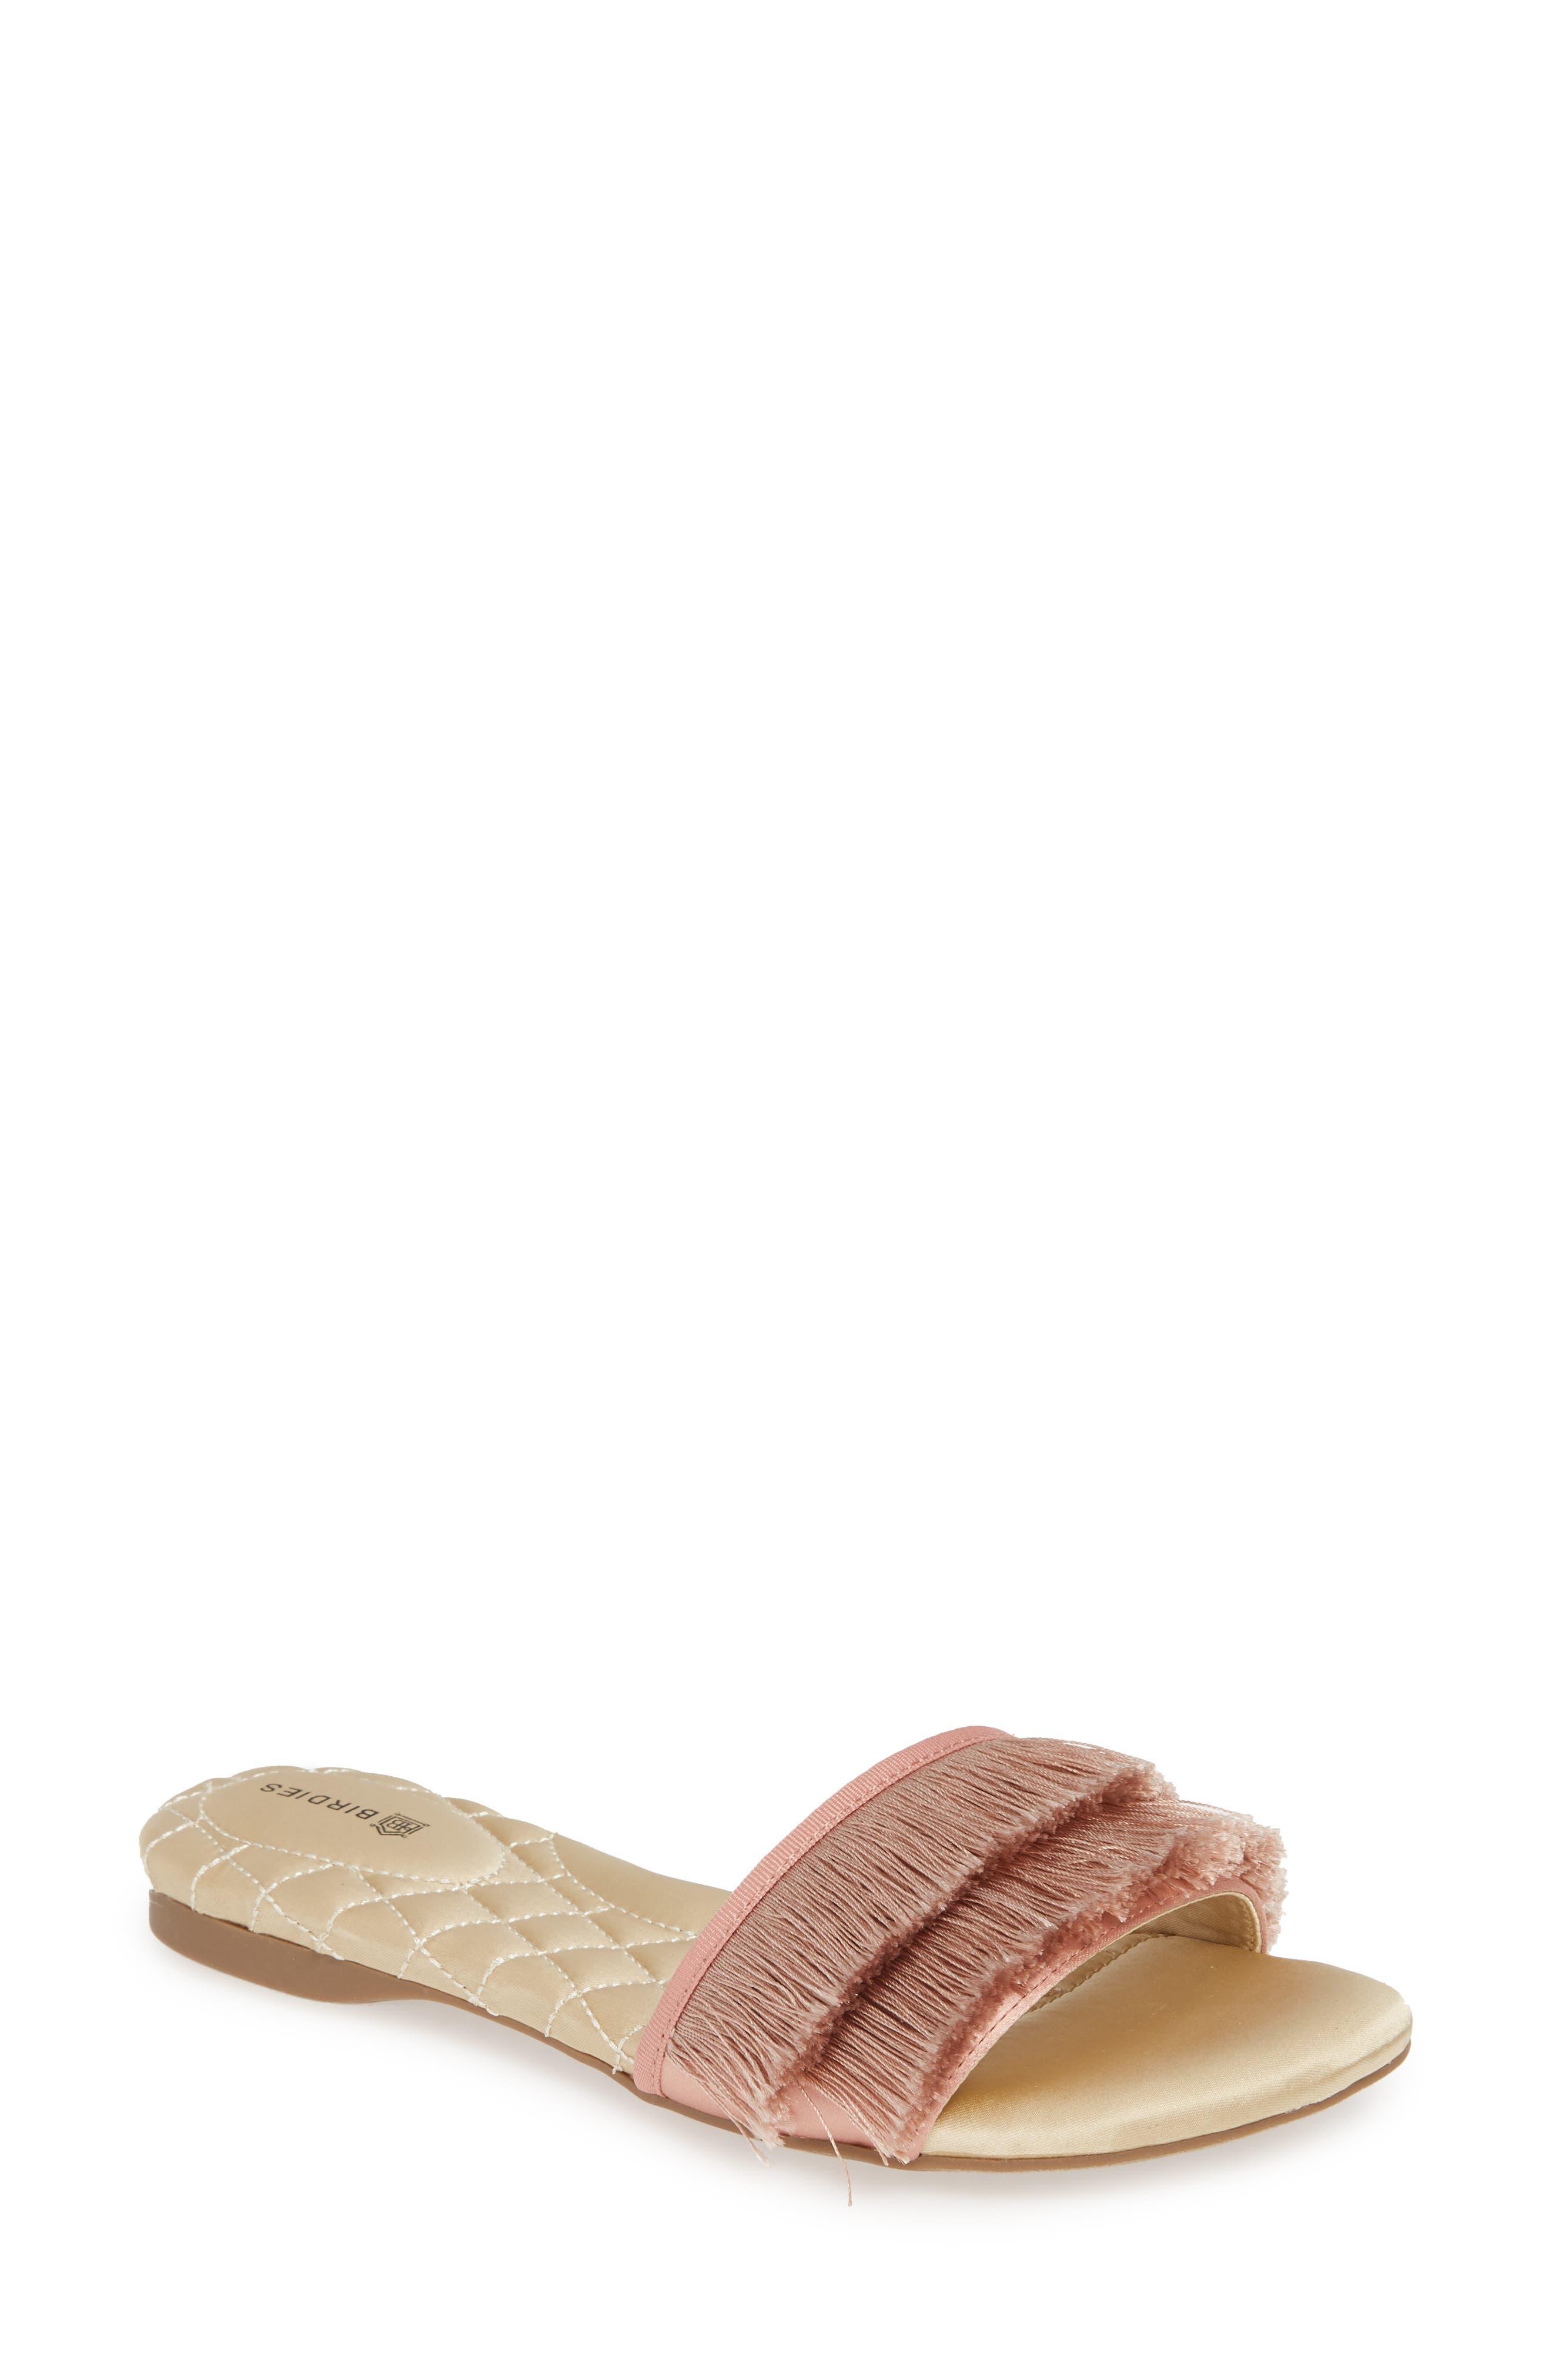 1e8868d3fb6 Women's Birdies Shoes | Nordstrom